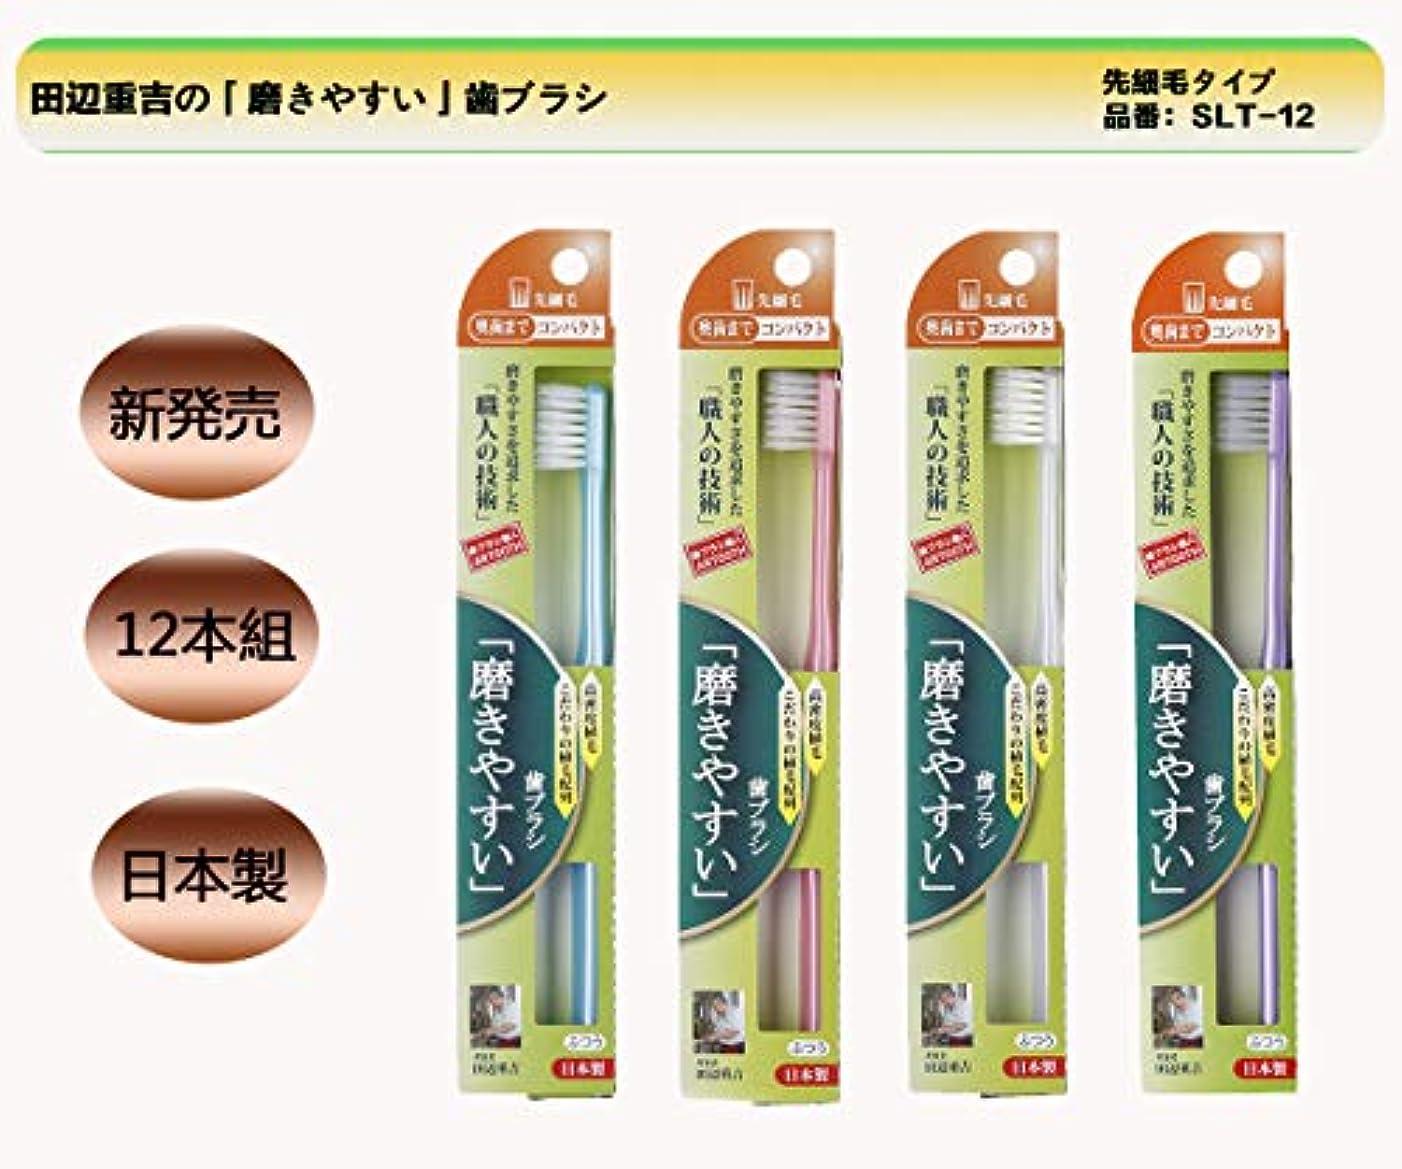 トロピカル名前で設計図歯ブラシ職人 Artooth® 田辺重吉  日本製 磨きやすい歯ブラシ 奥歯まで先細毛SLT-12 (12本入)